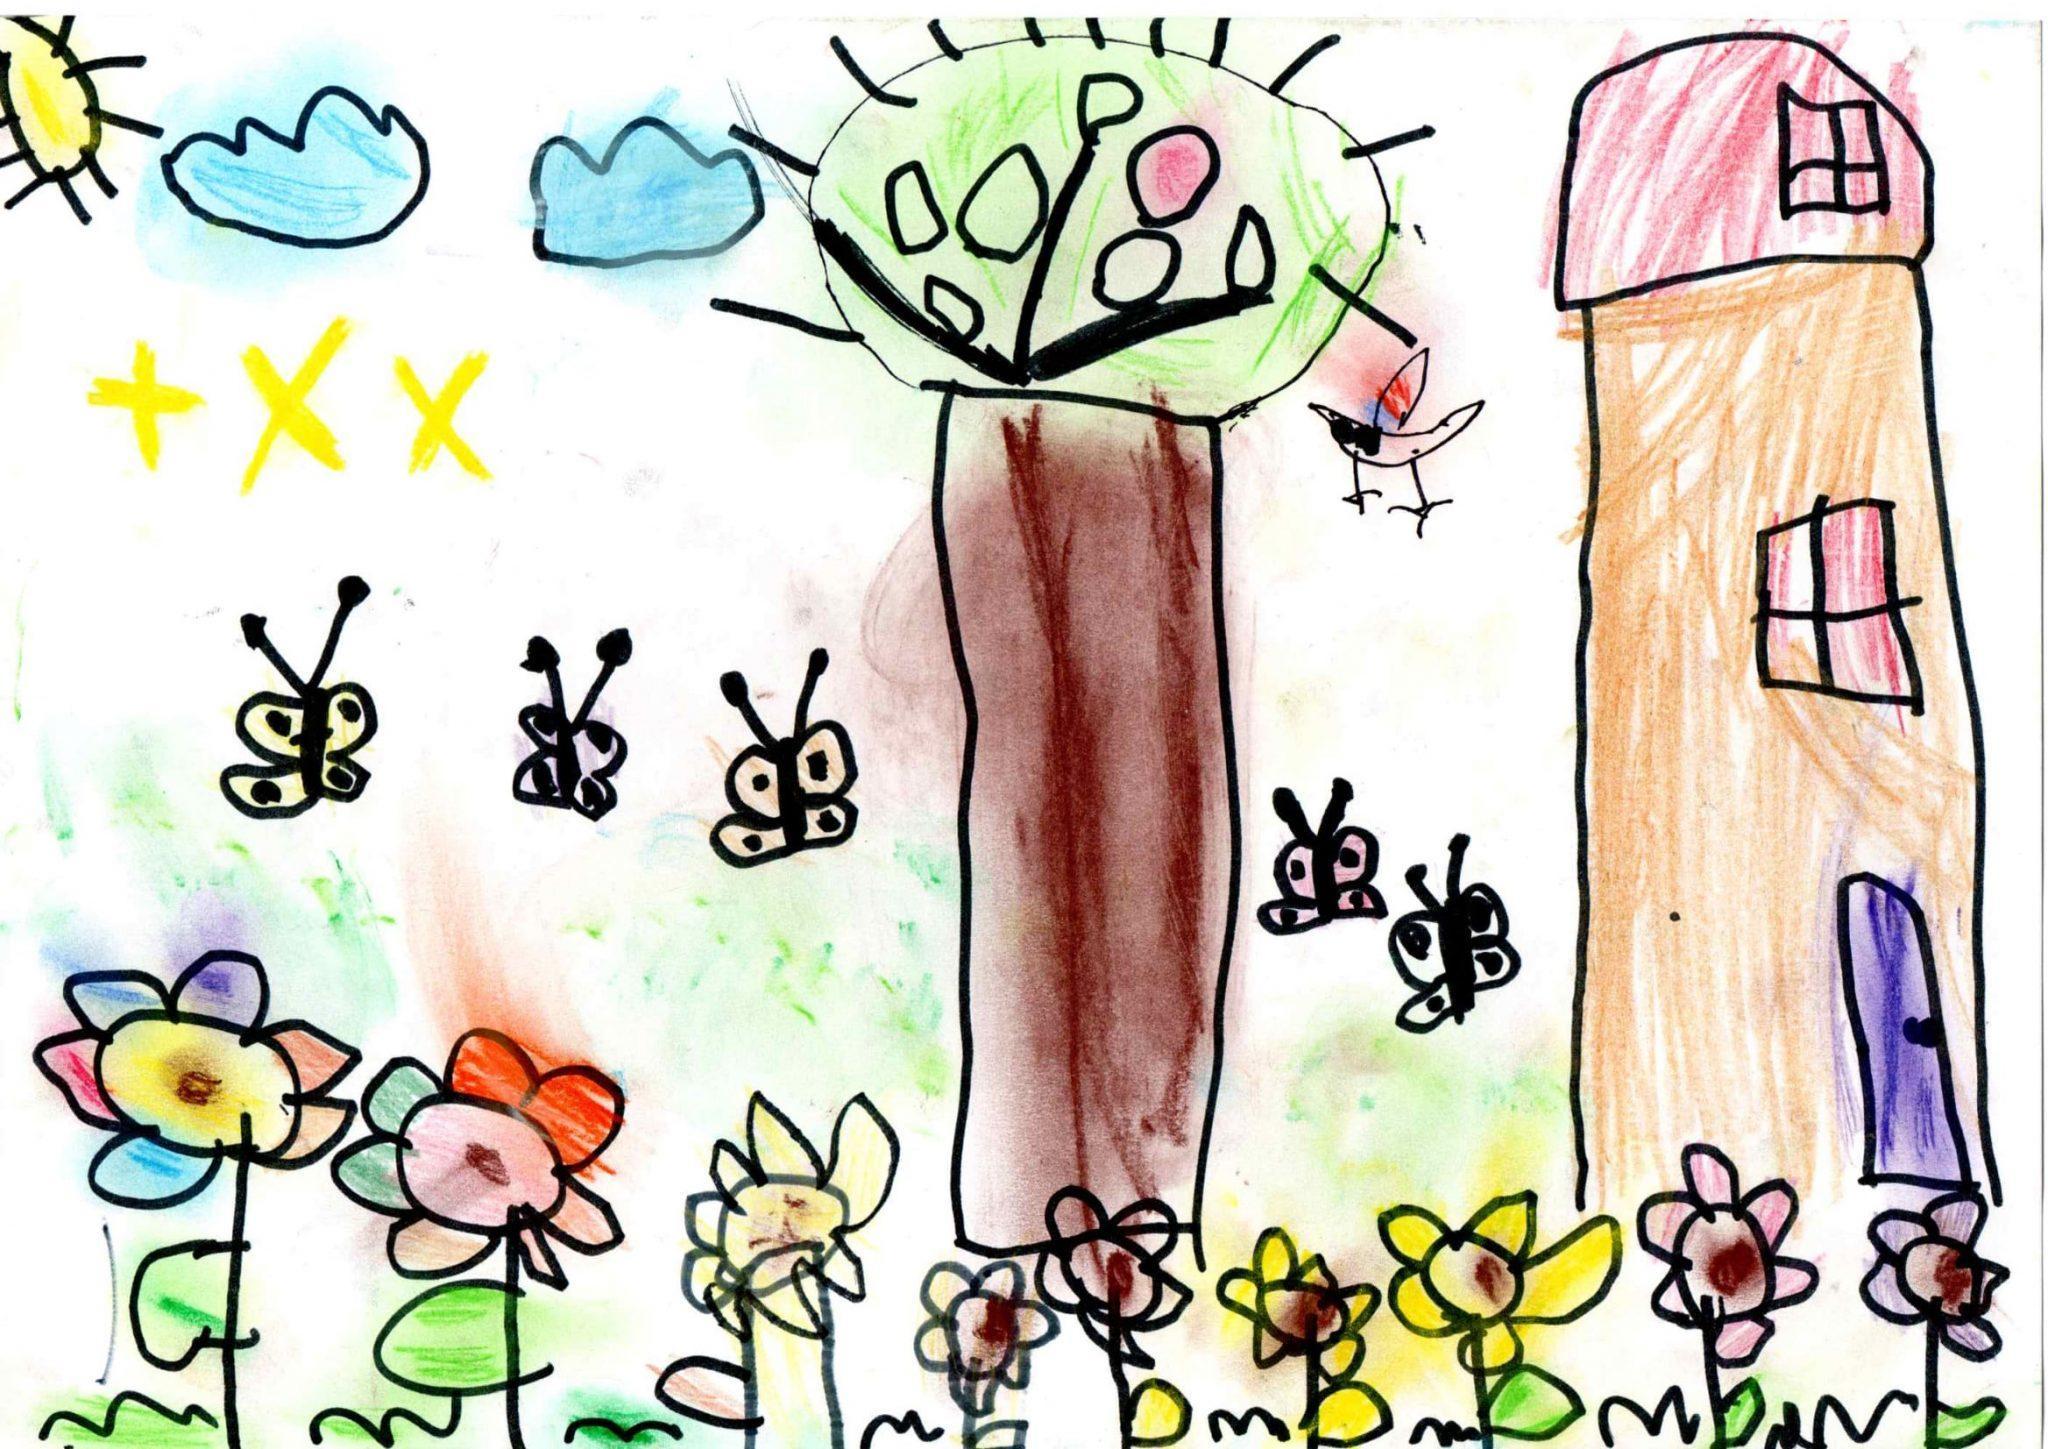 Boldog erdő egészségben Pocsaj Kismarja Kikelet Óvodája